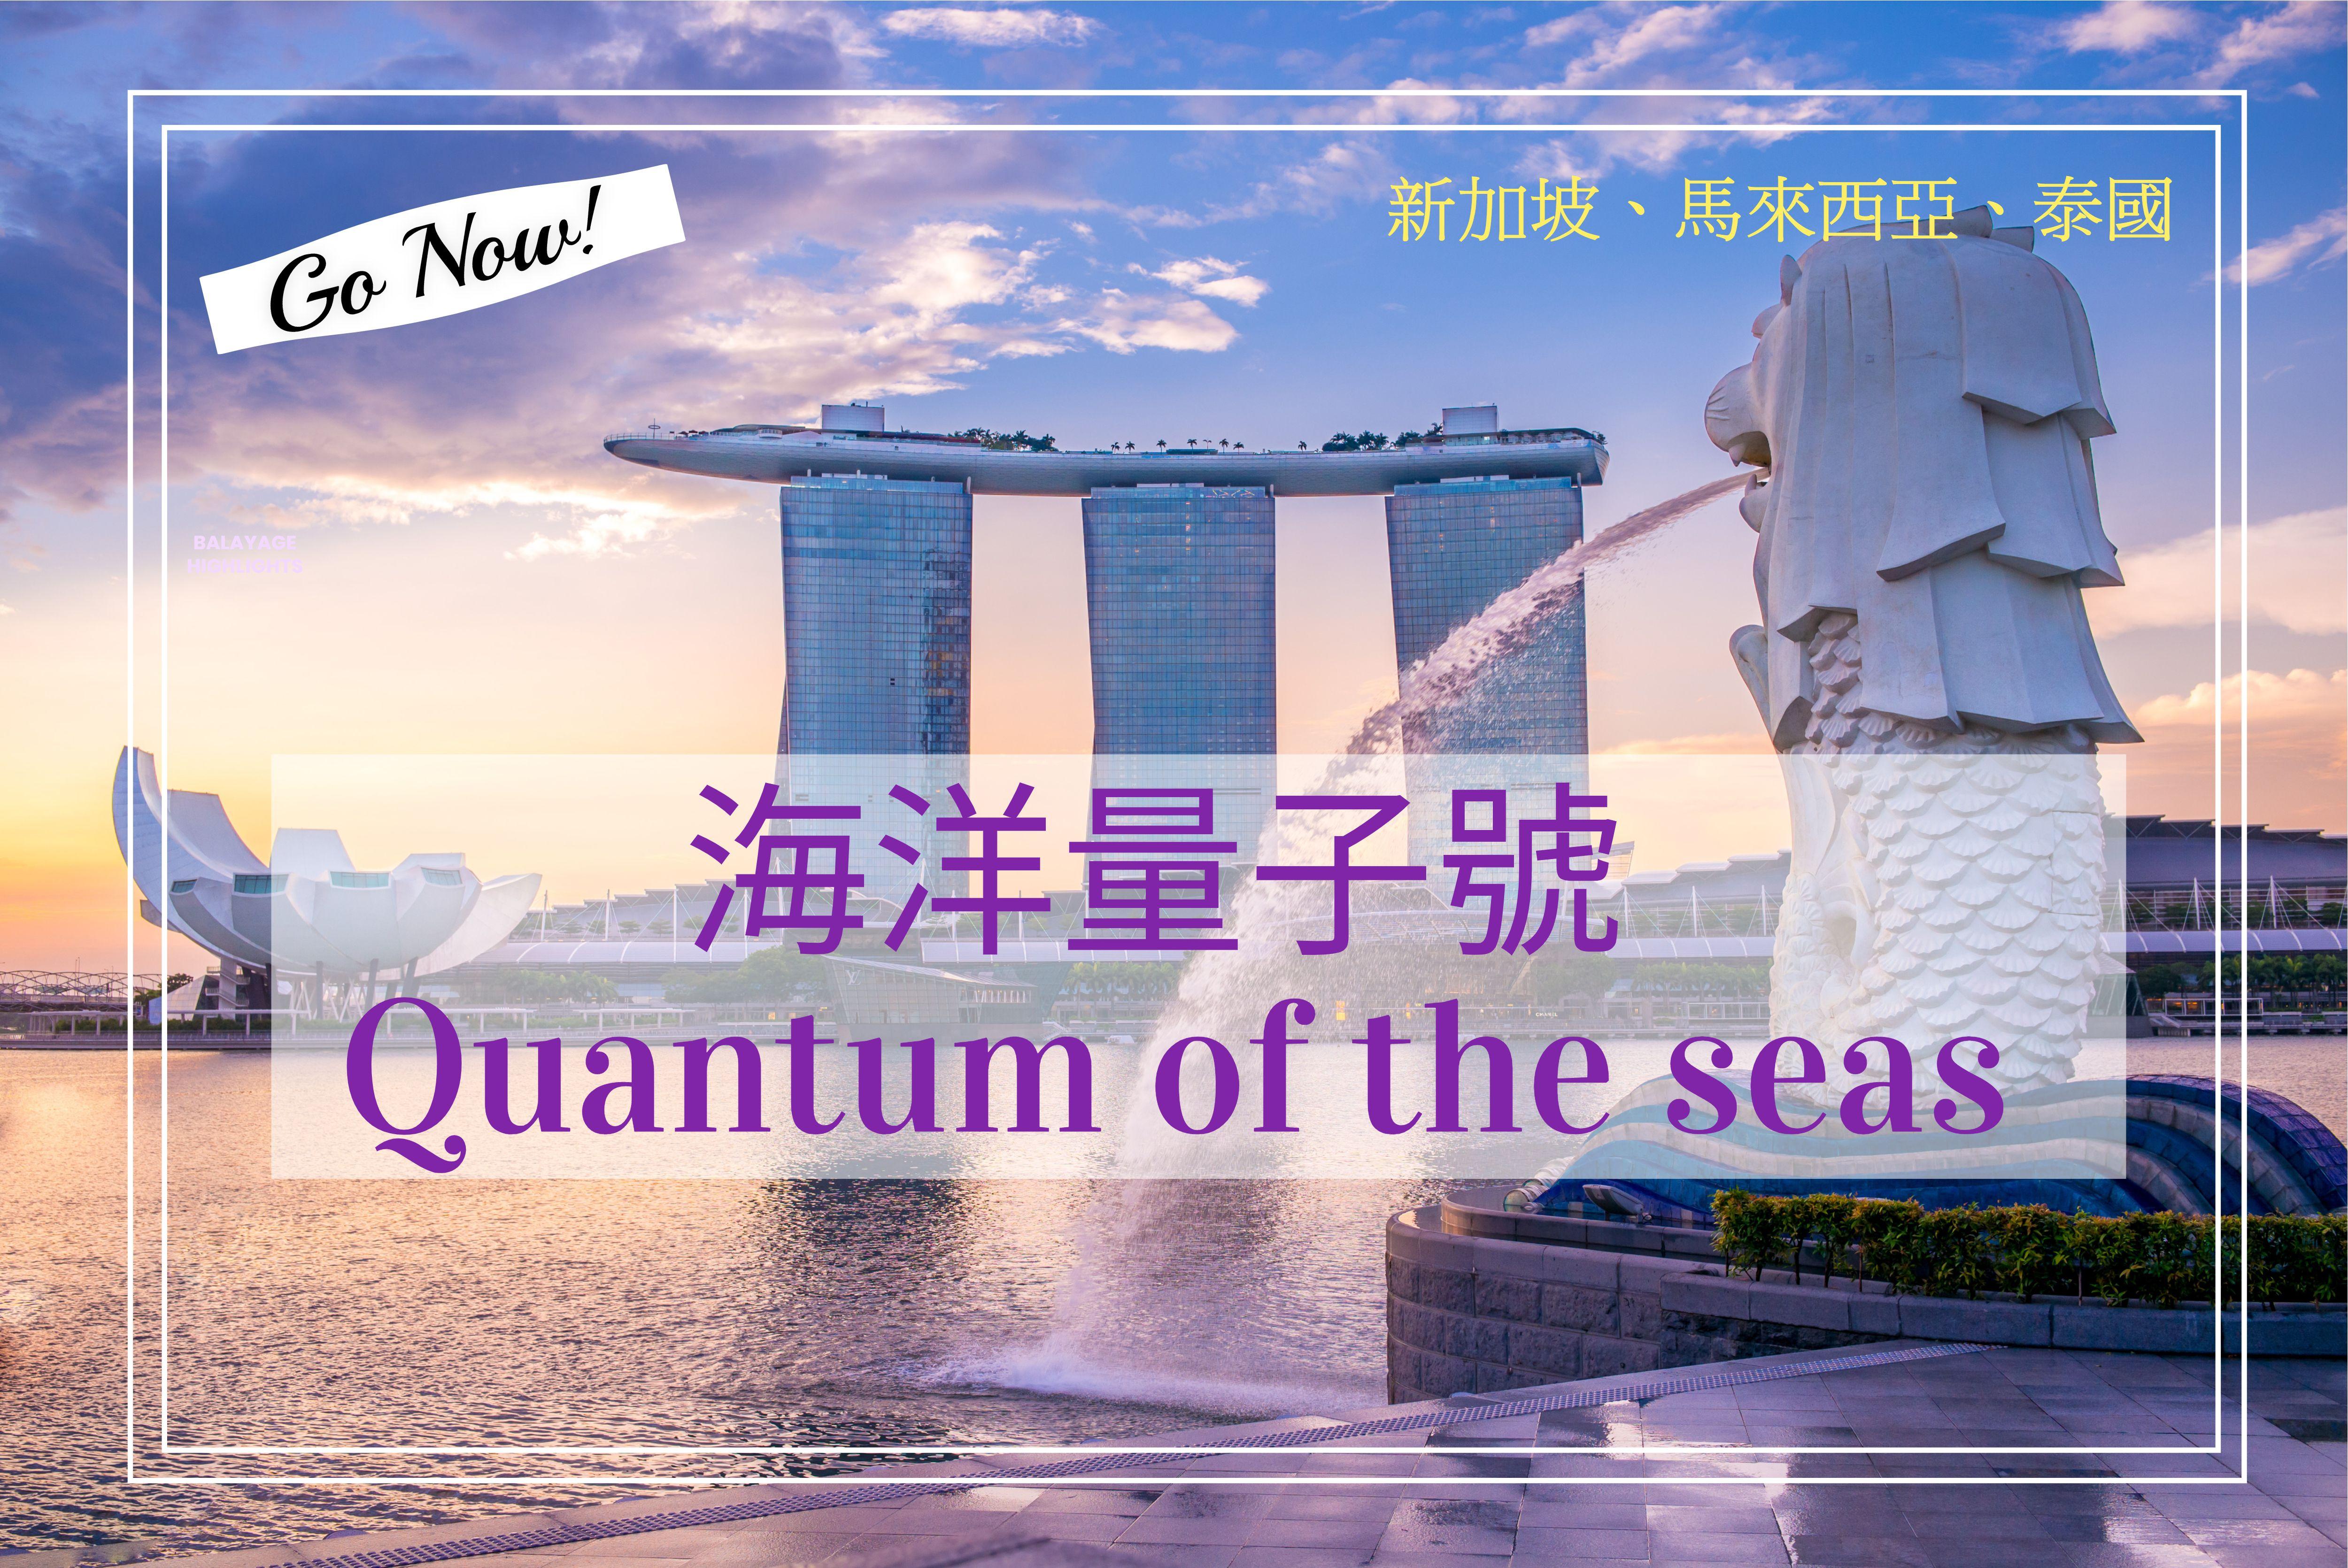 郵輪輕旅行-【皇家加勒比 海洋量子號】<br><font color=#FF44AA>買一送一!</font>泰國 馬來西亞 新加坡 6天~